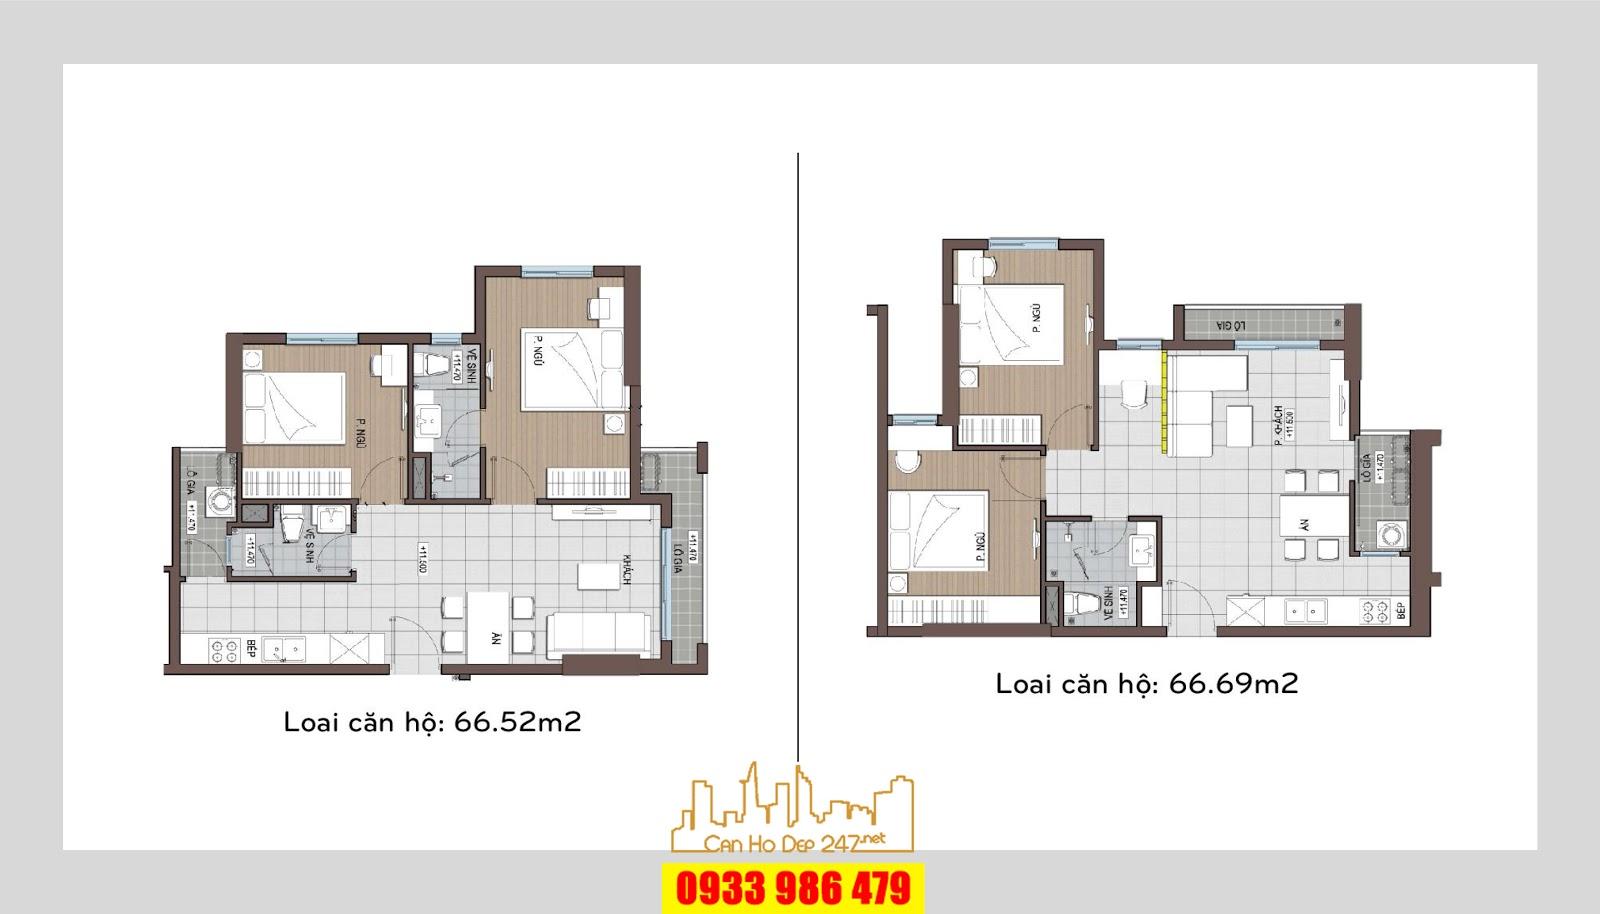 Một kiểu thiết kế khác của loại căn hộ 2PN, diện tích 66m2